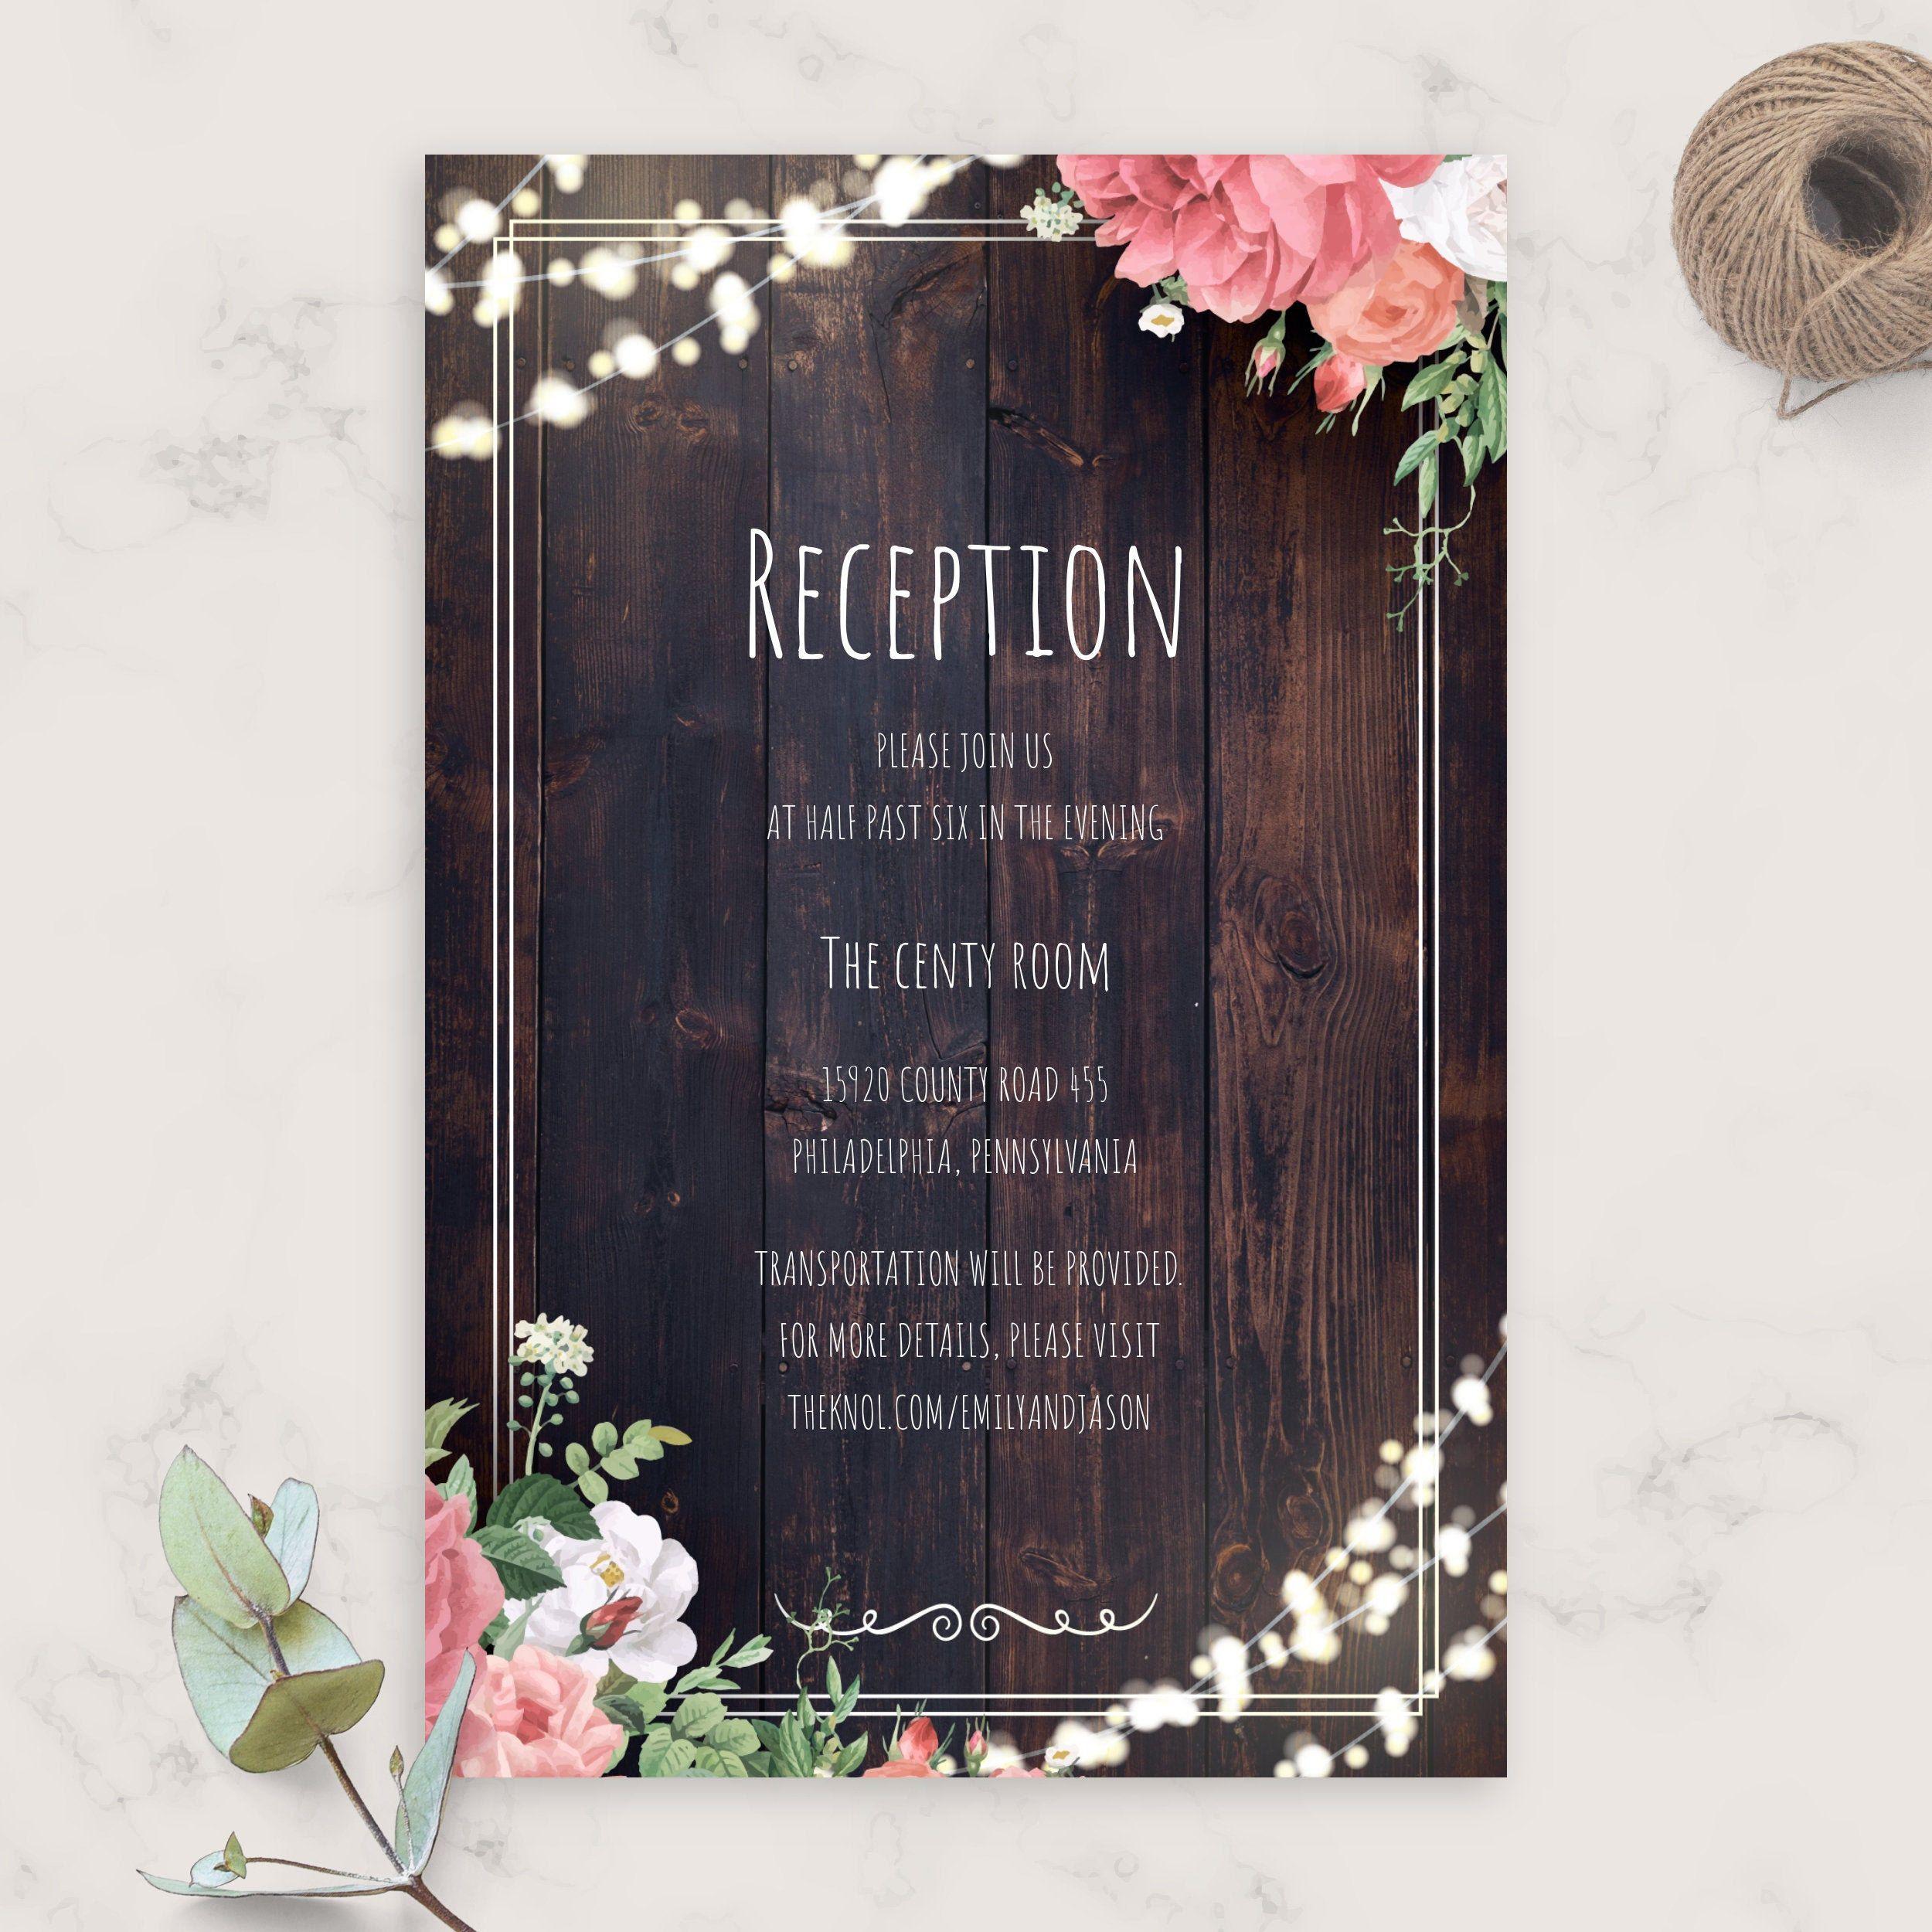 Diy Printable Wedding Reception Guest Template In 2020 Wedding Invitation Enclosure Cards Wedding Reception Cards Diy Wedding Invitations Templates